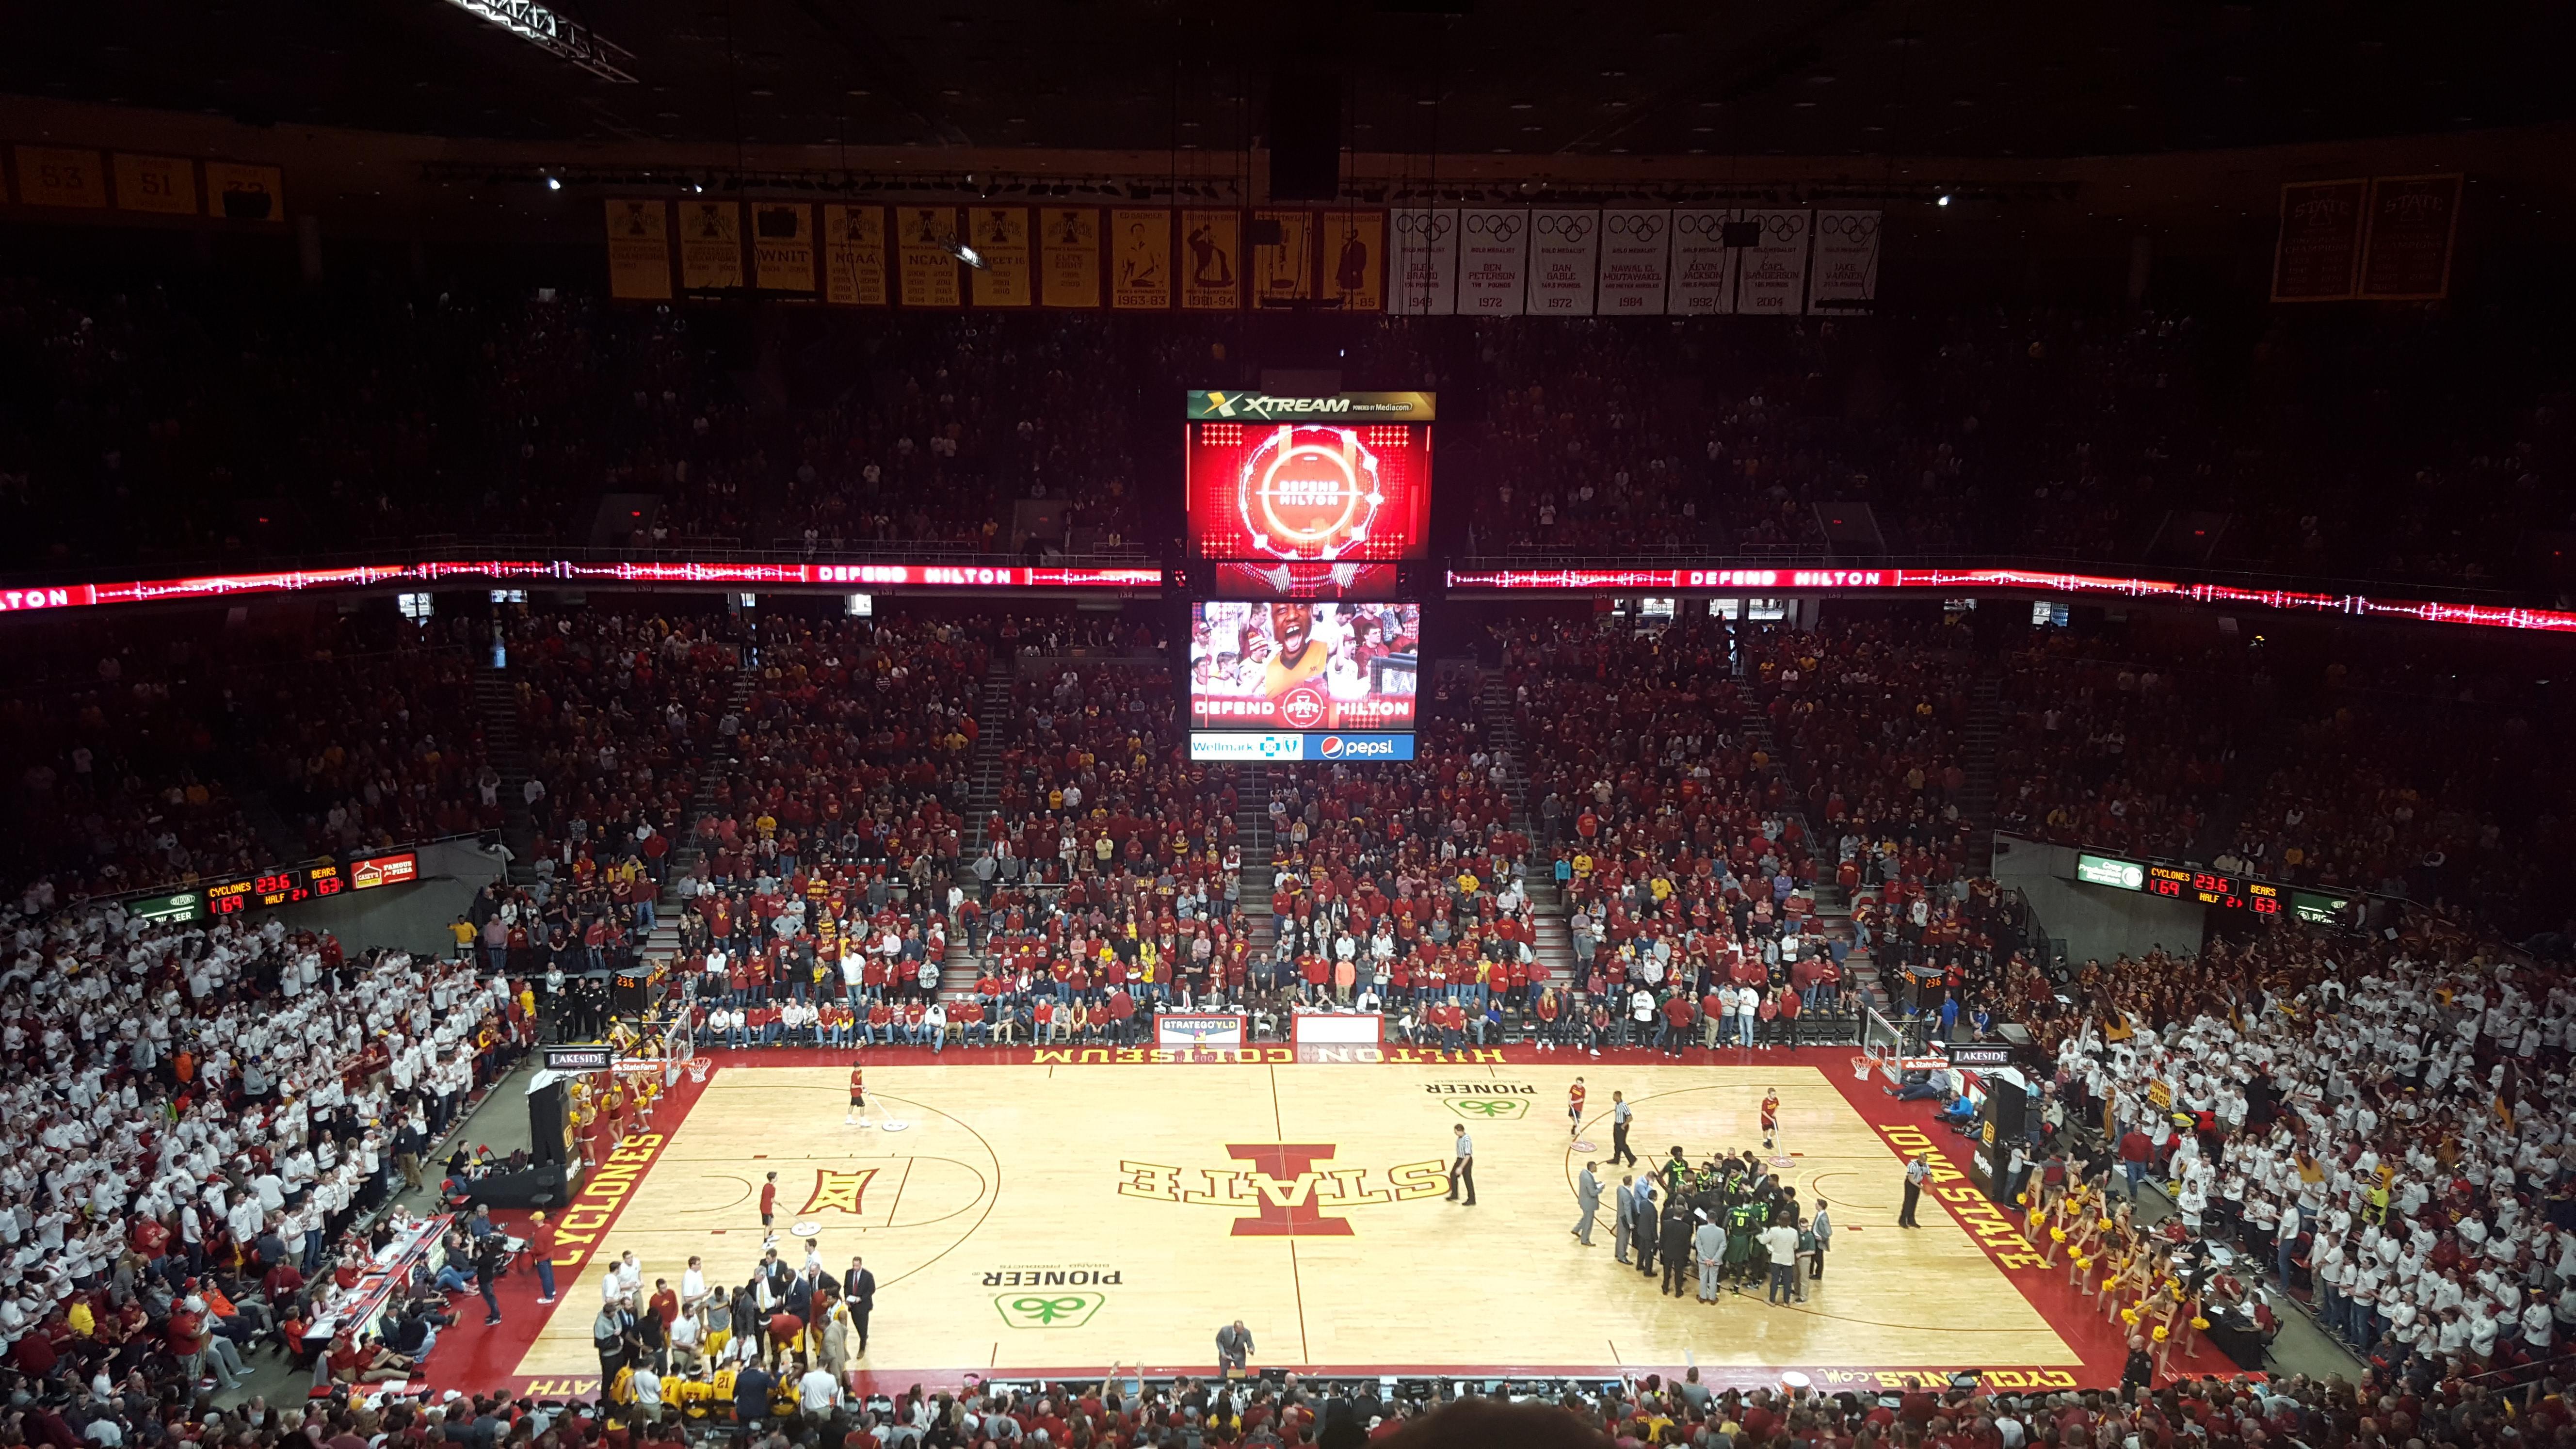 Hilton Coliseum Section 212 Row 11 Seat 4